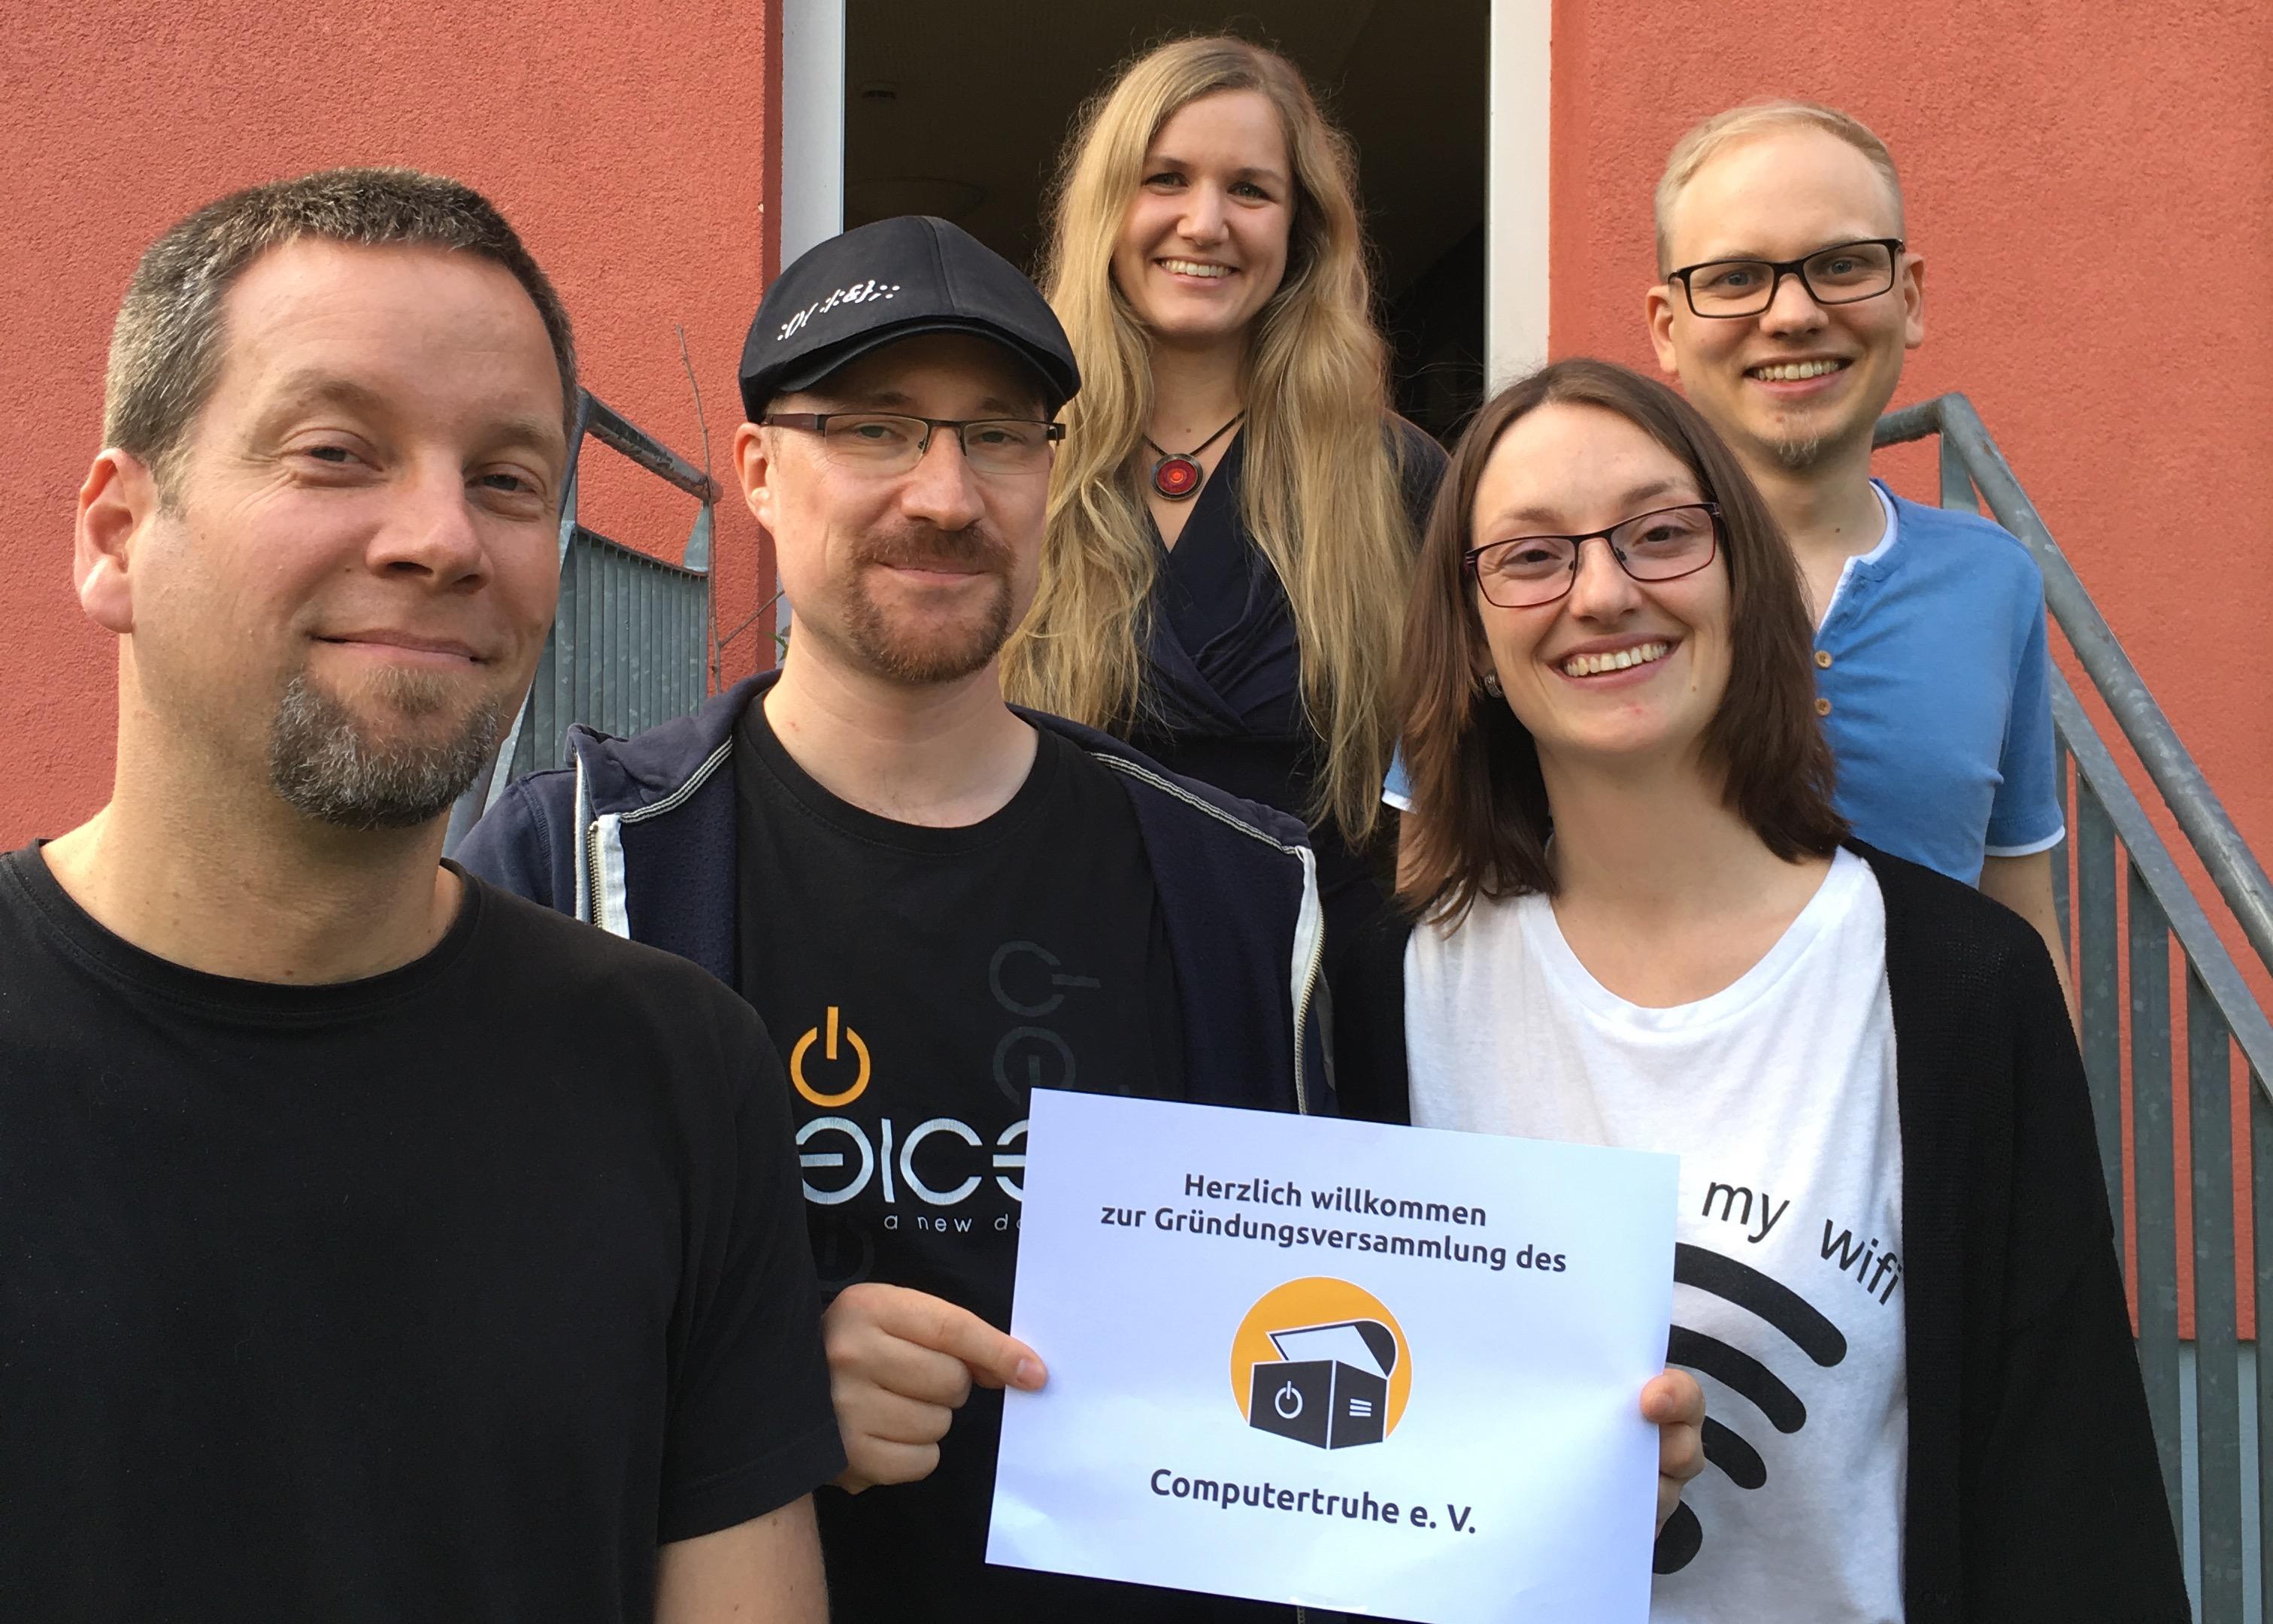 Foto aller Vorstandsmitglieder des ersten Vorstands der Computertruhe.